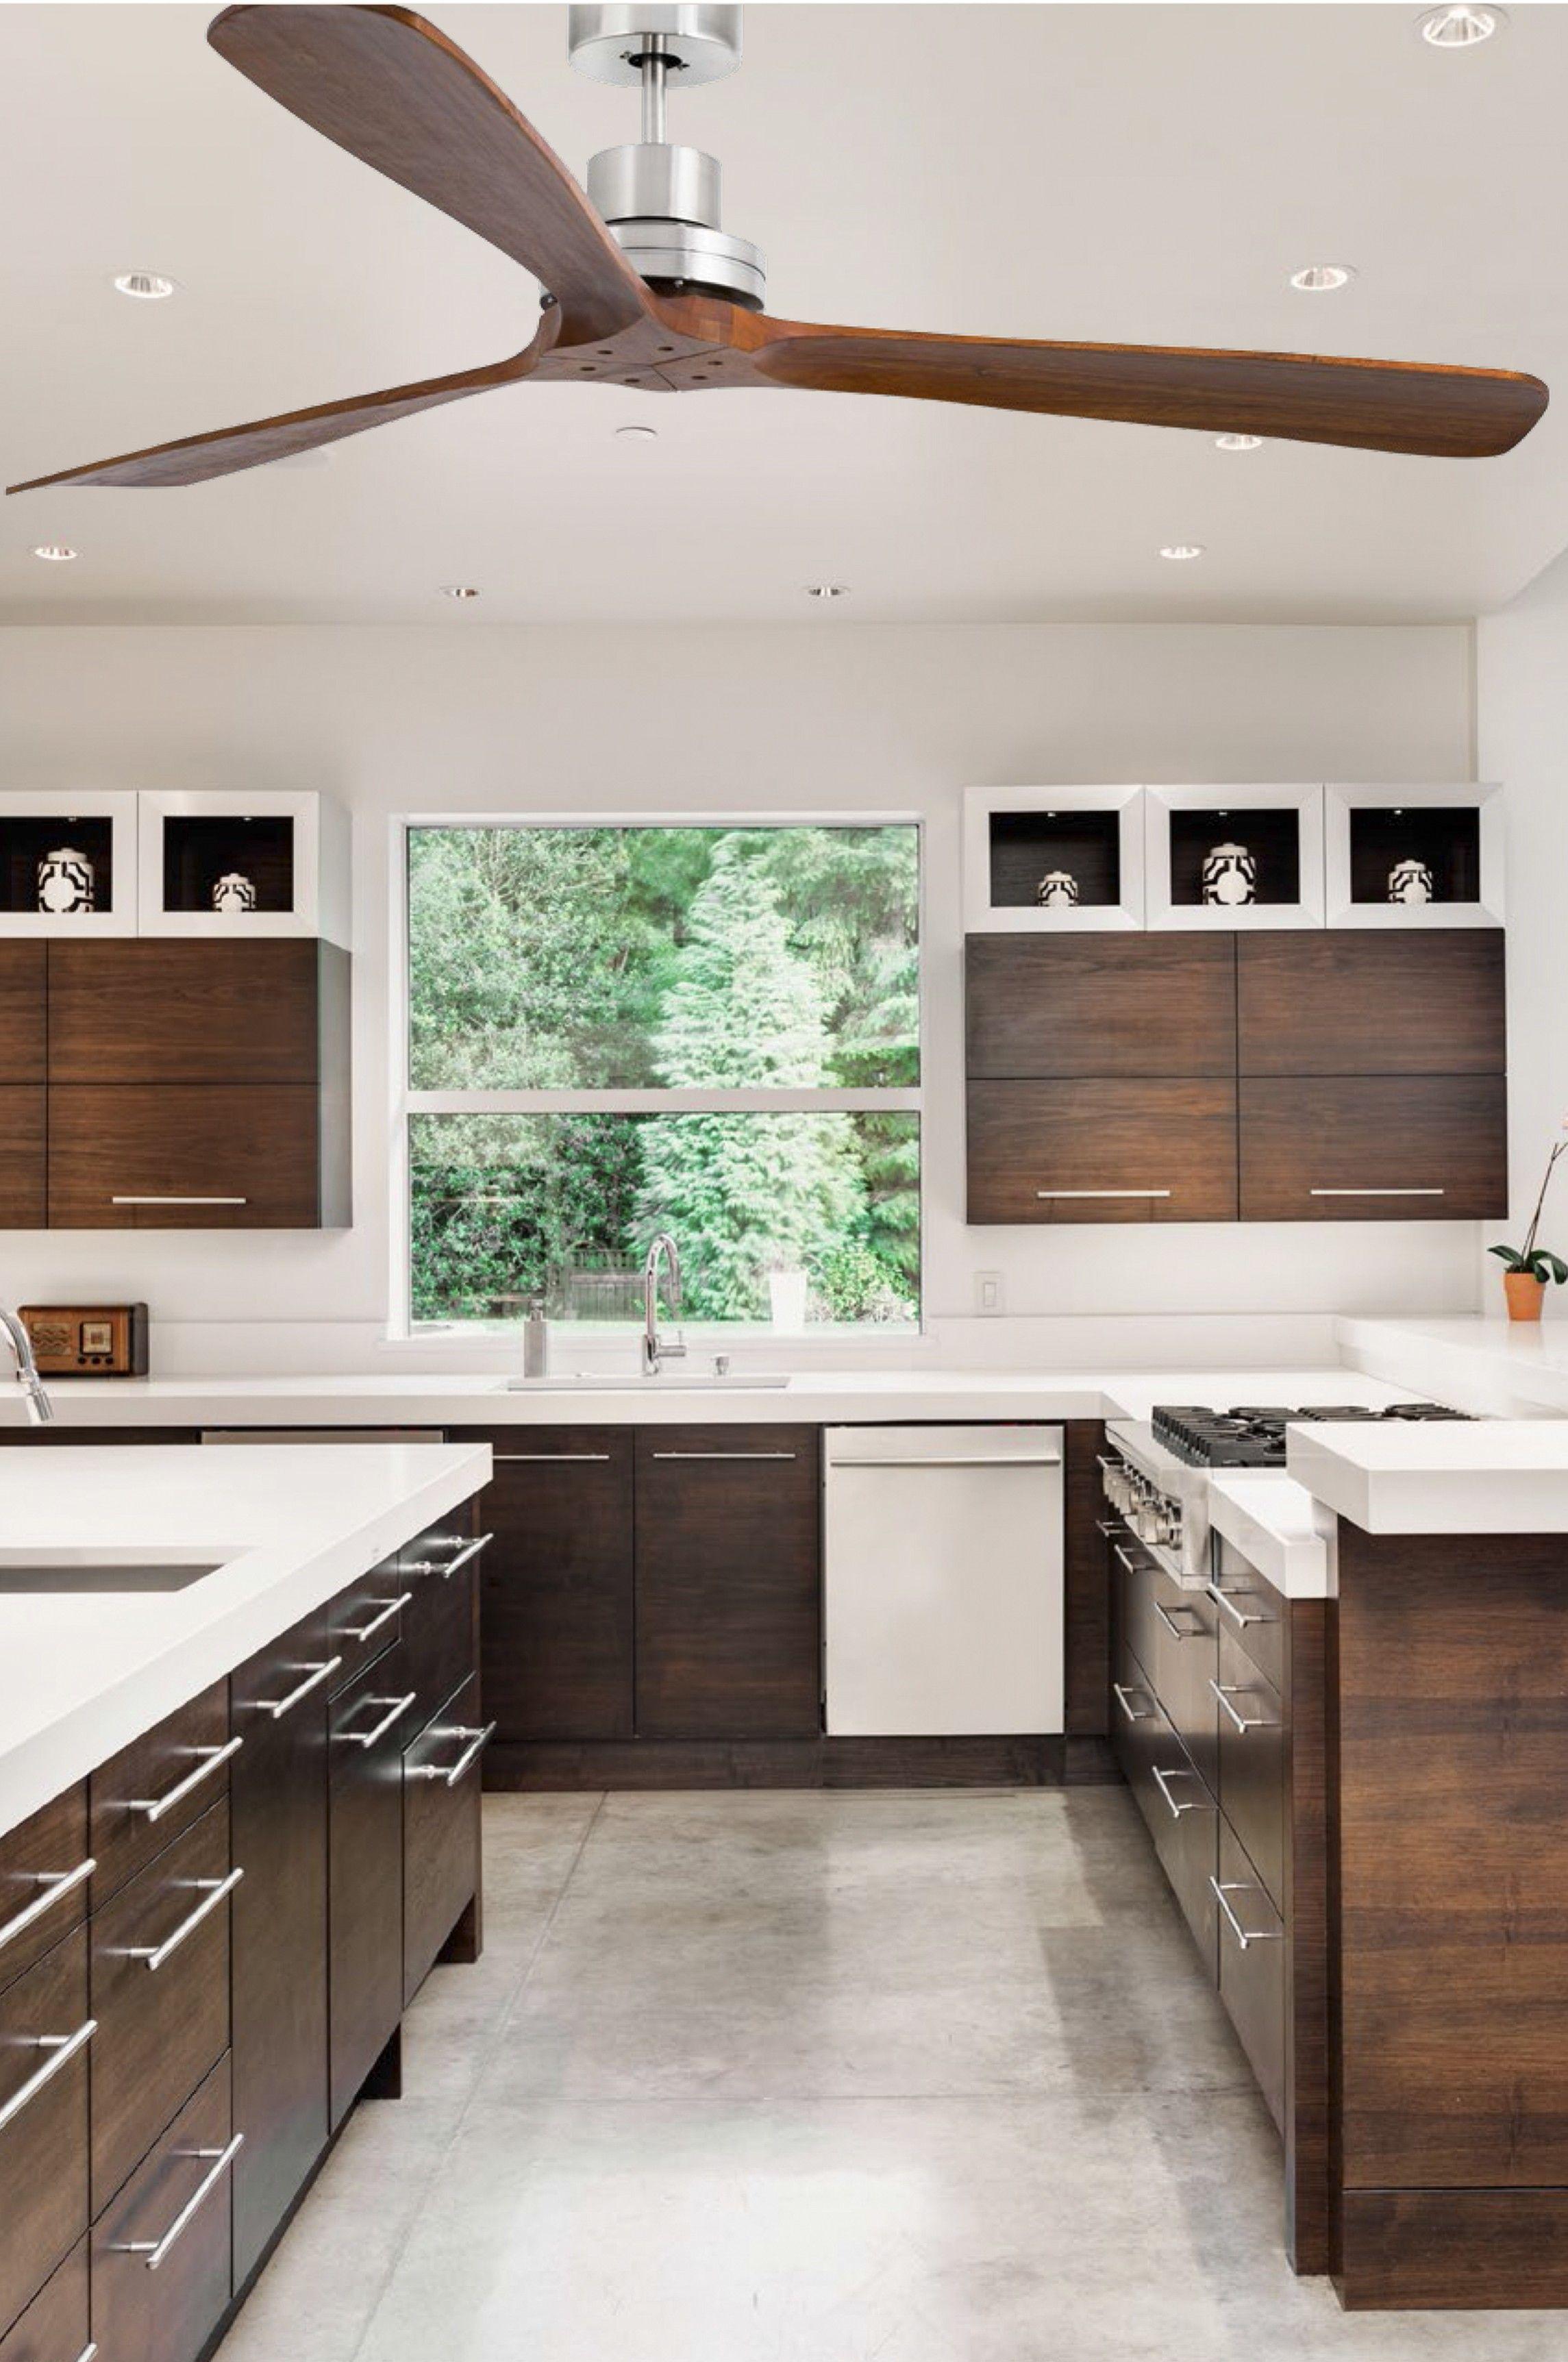 avec ses p les en bois naturel ce ventilateurs lumineux se fond parfaitement dans une pi ce de. Black Bedroom Furniture Sets. Home Design Ideas